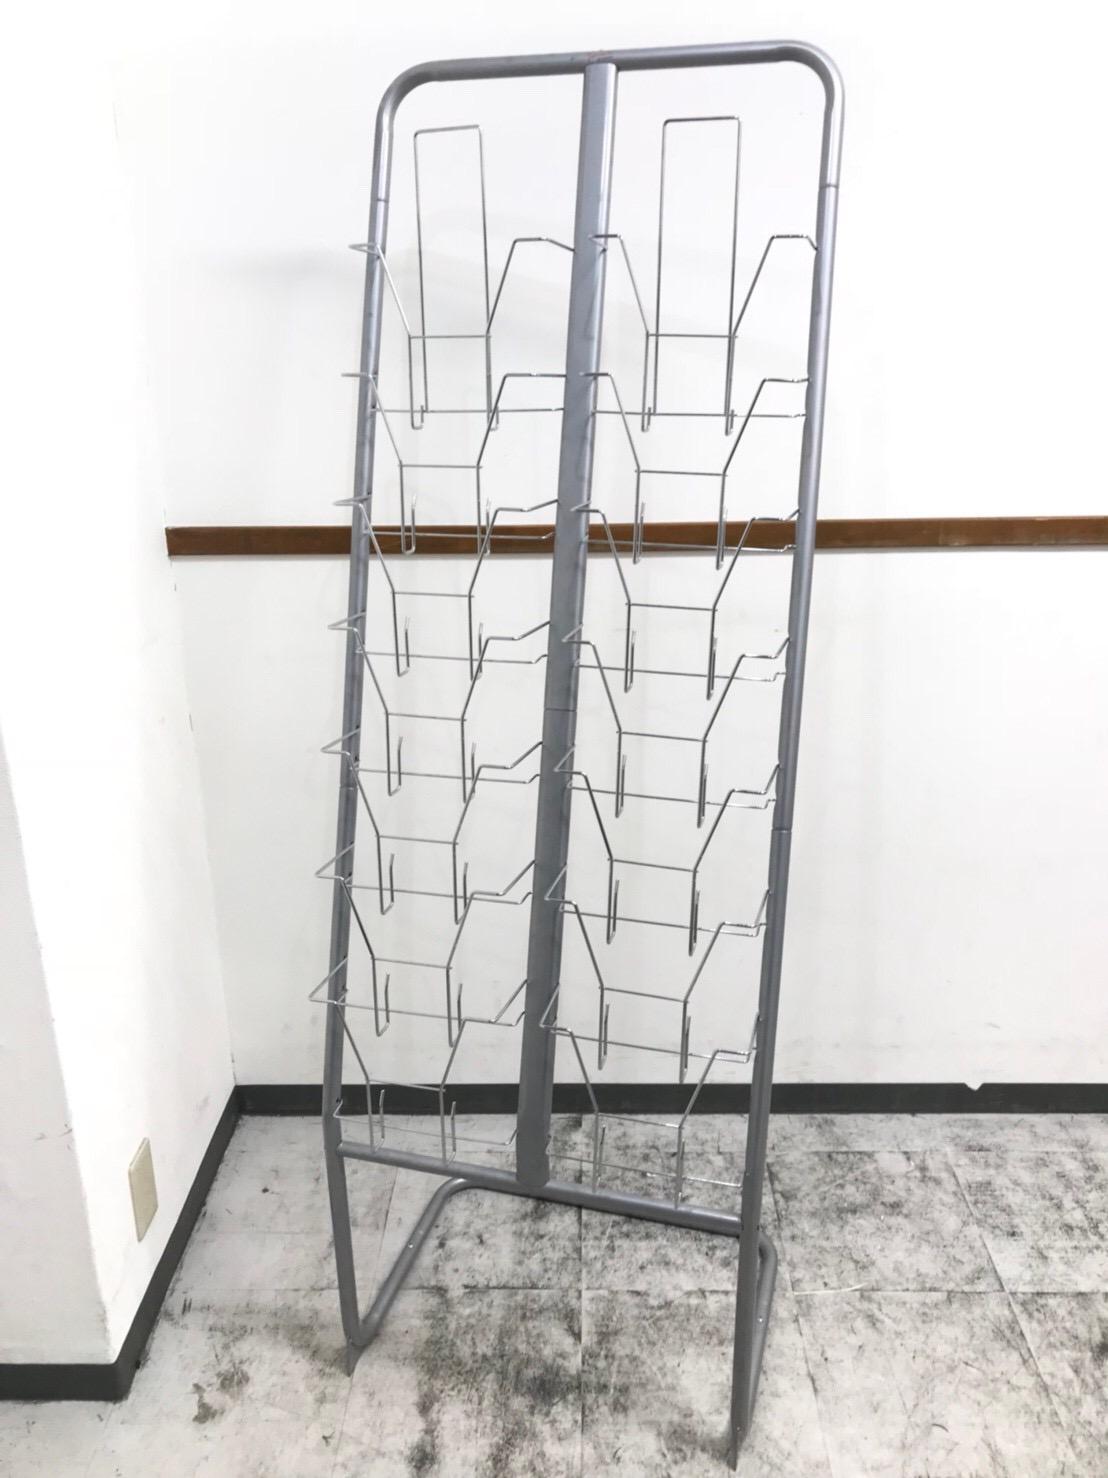 2列x7段 スリムサイズのカタログスタンドが入荷致しました。